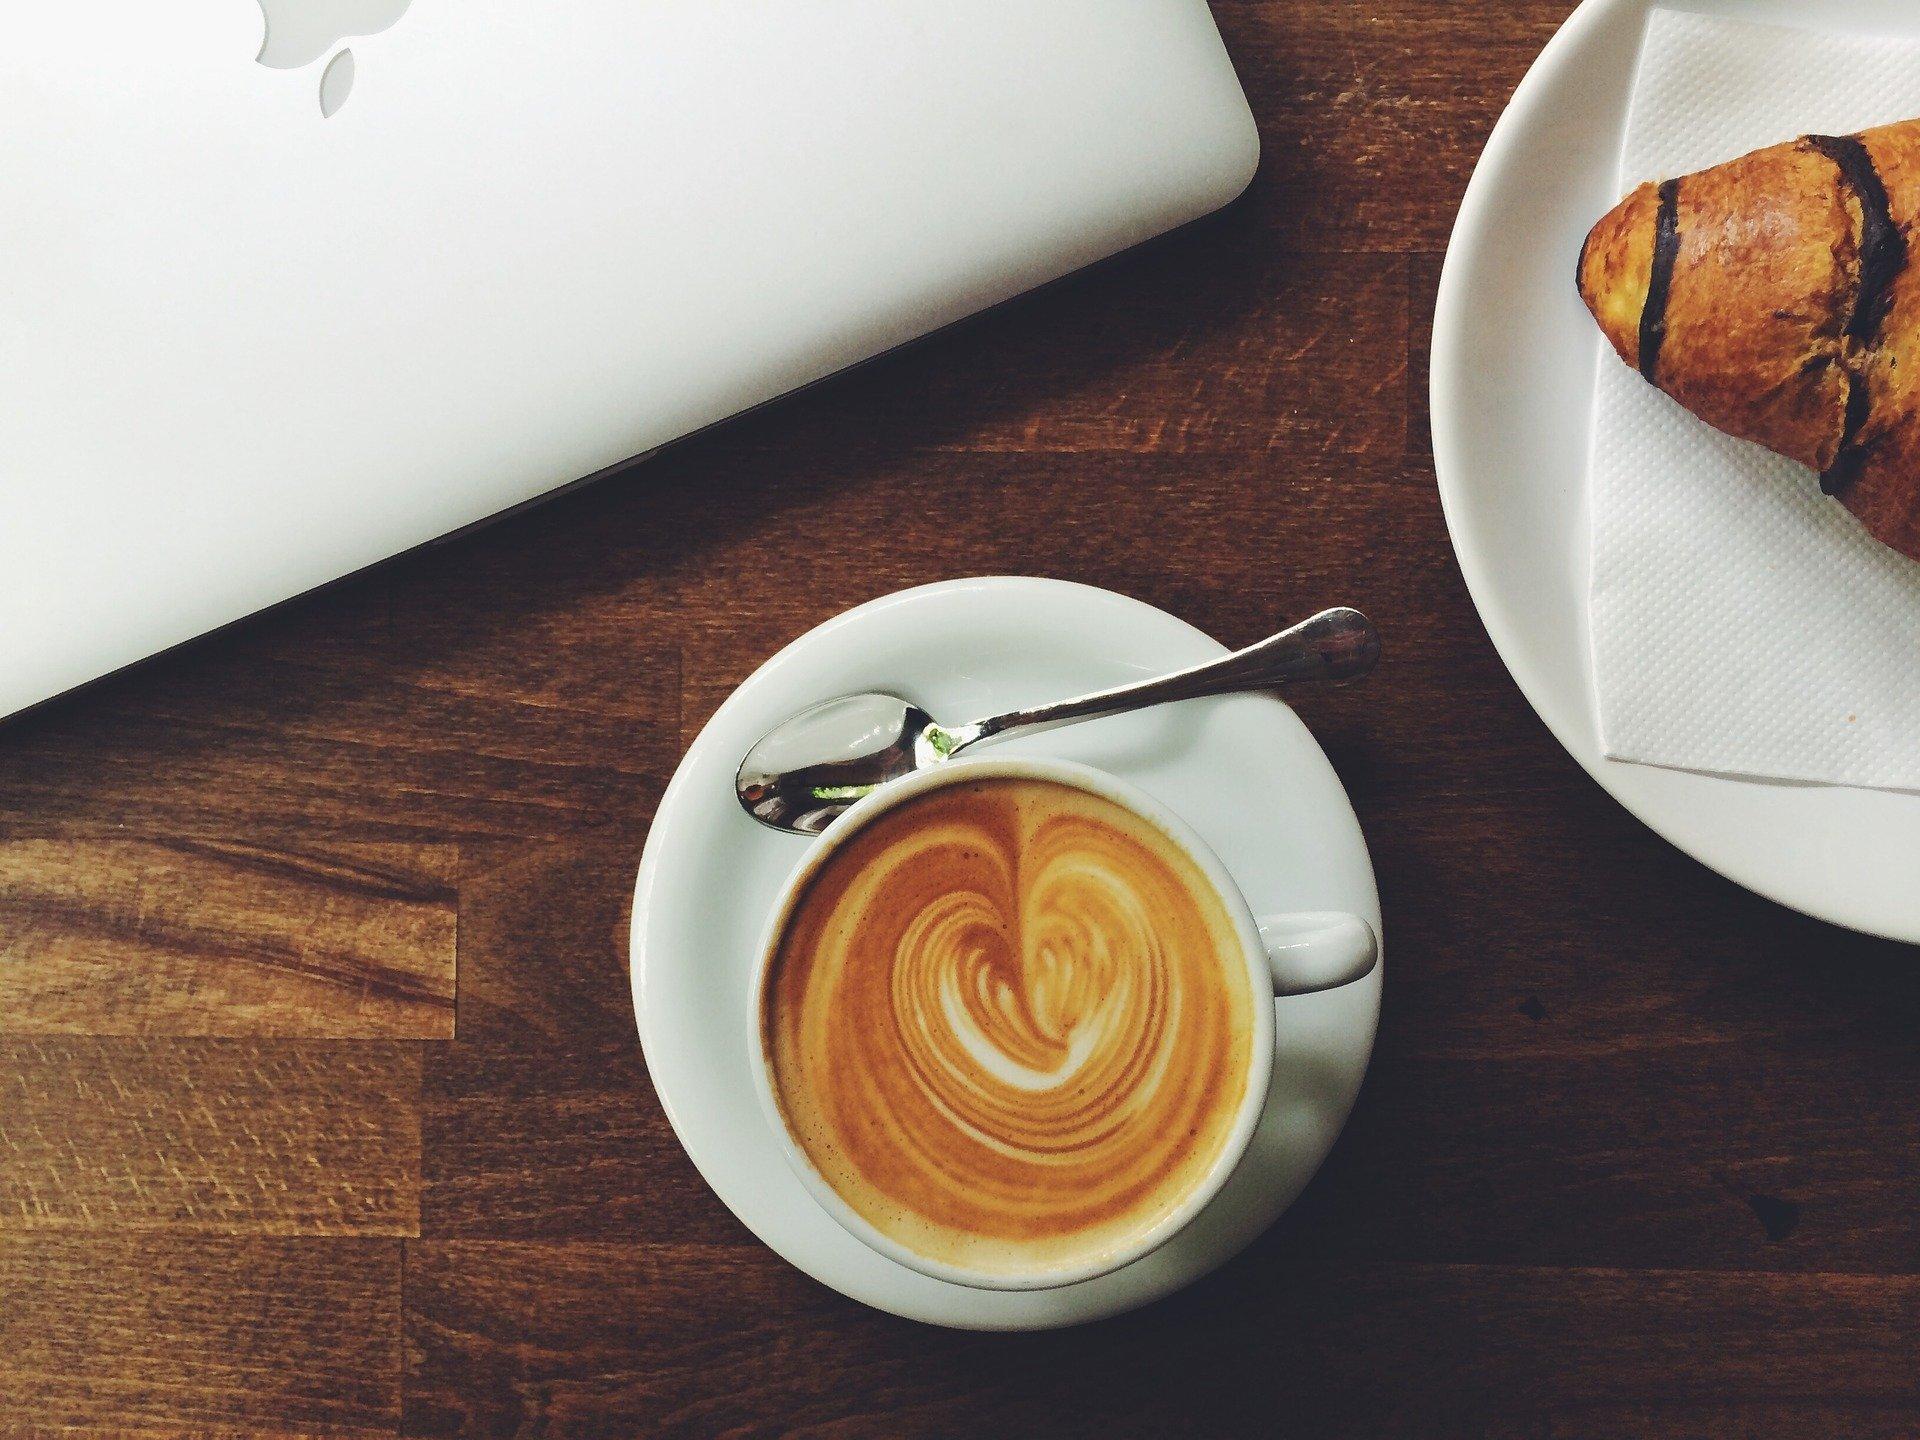 De beste koffie drink je in de ochtend